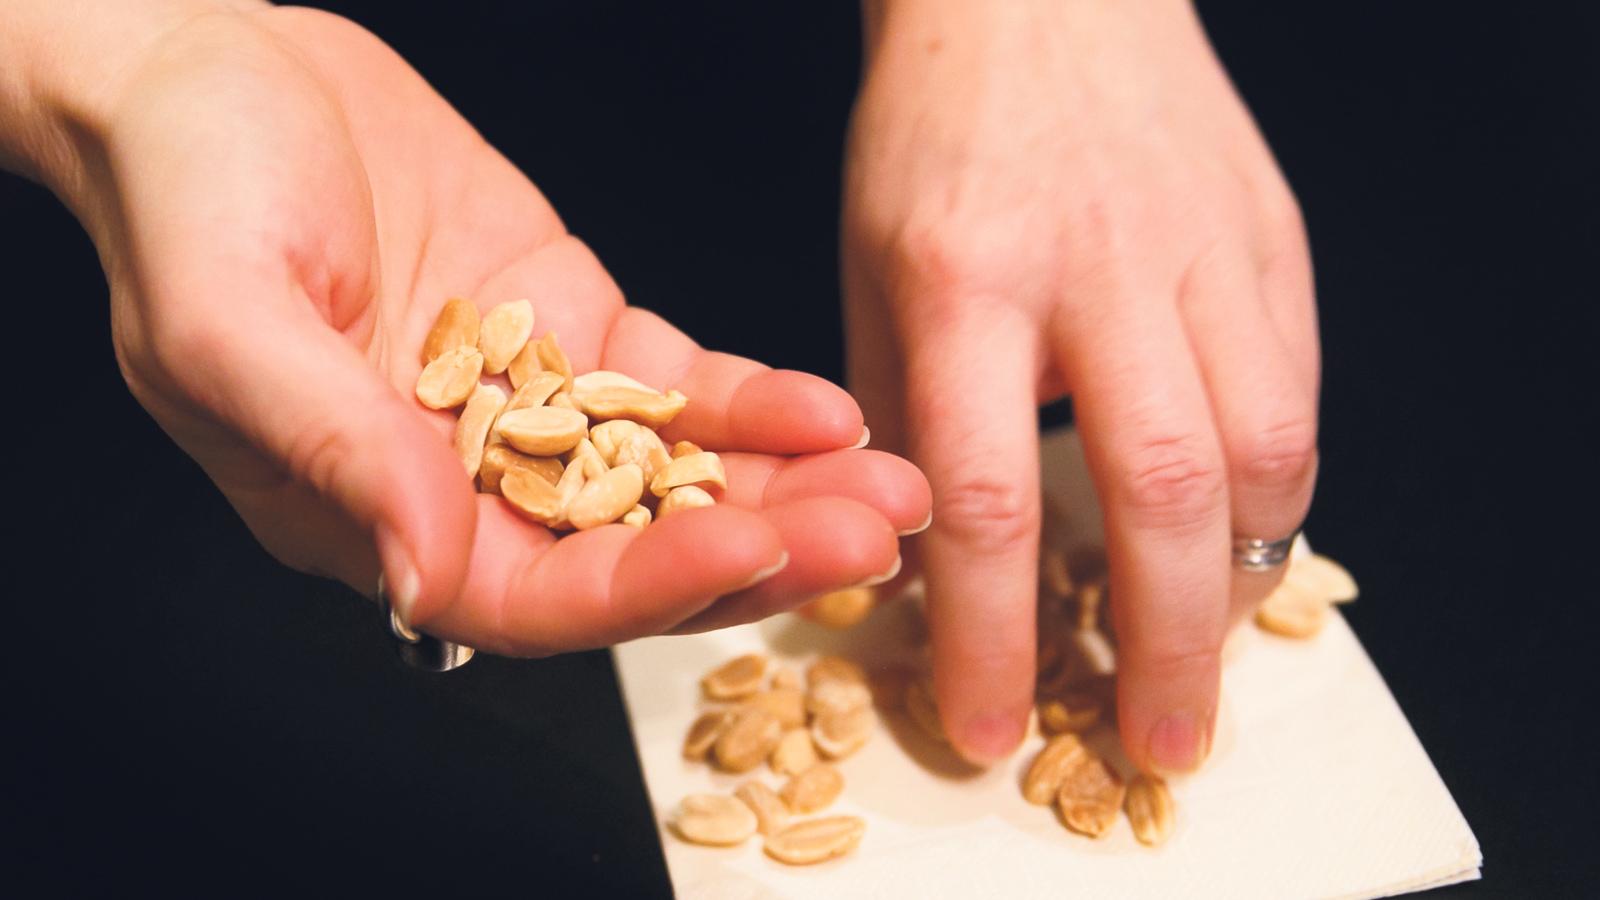 Ny studie bota notallergi med jordnotter